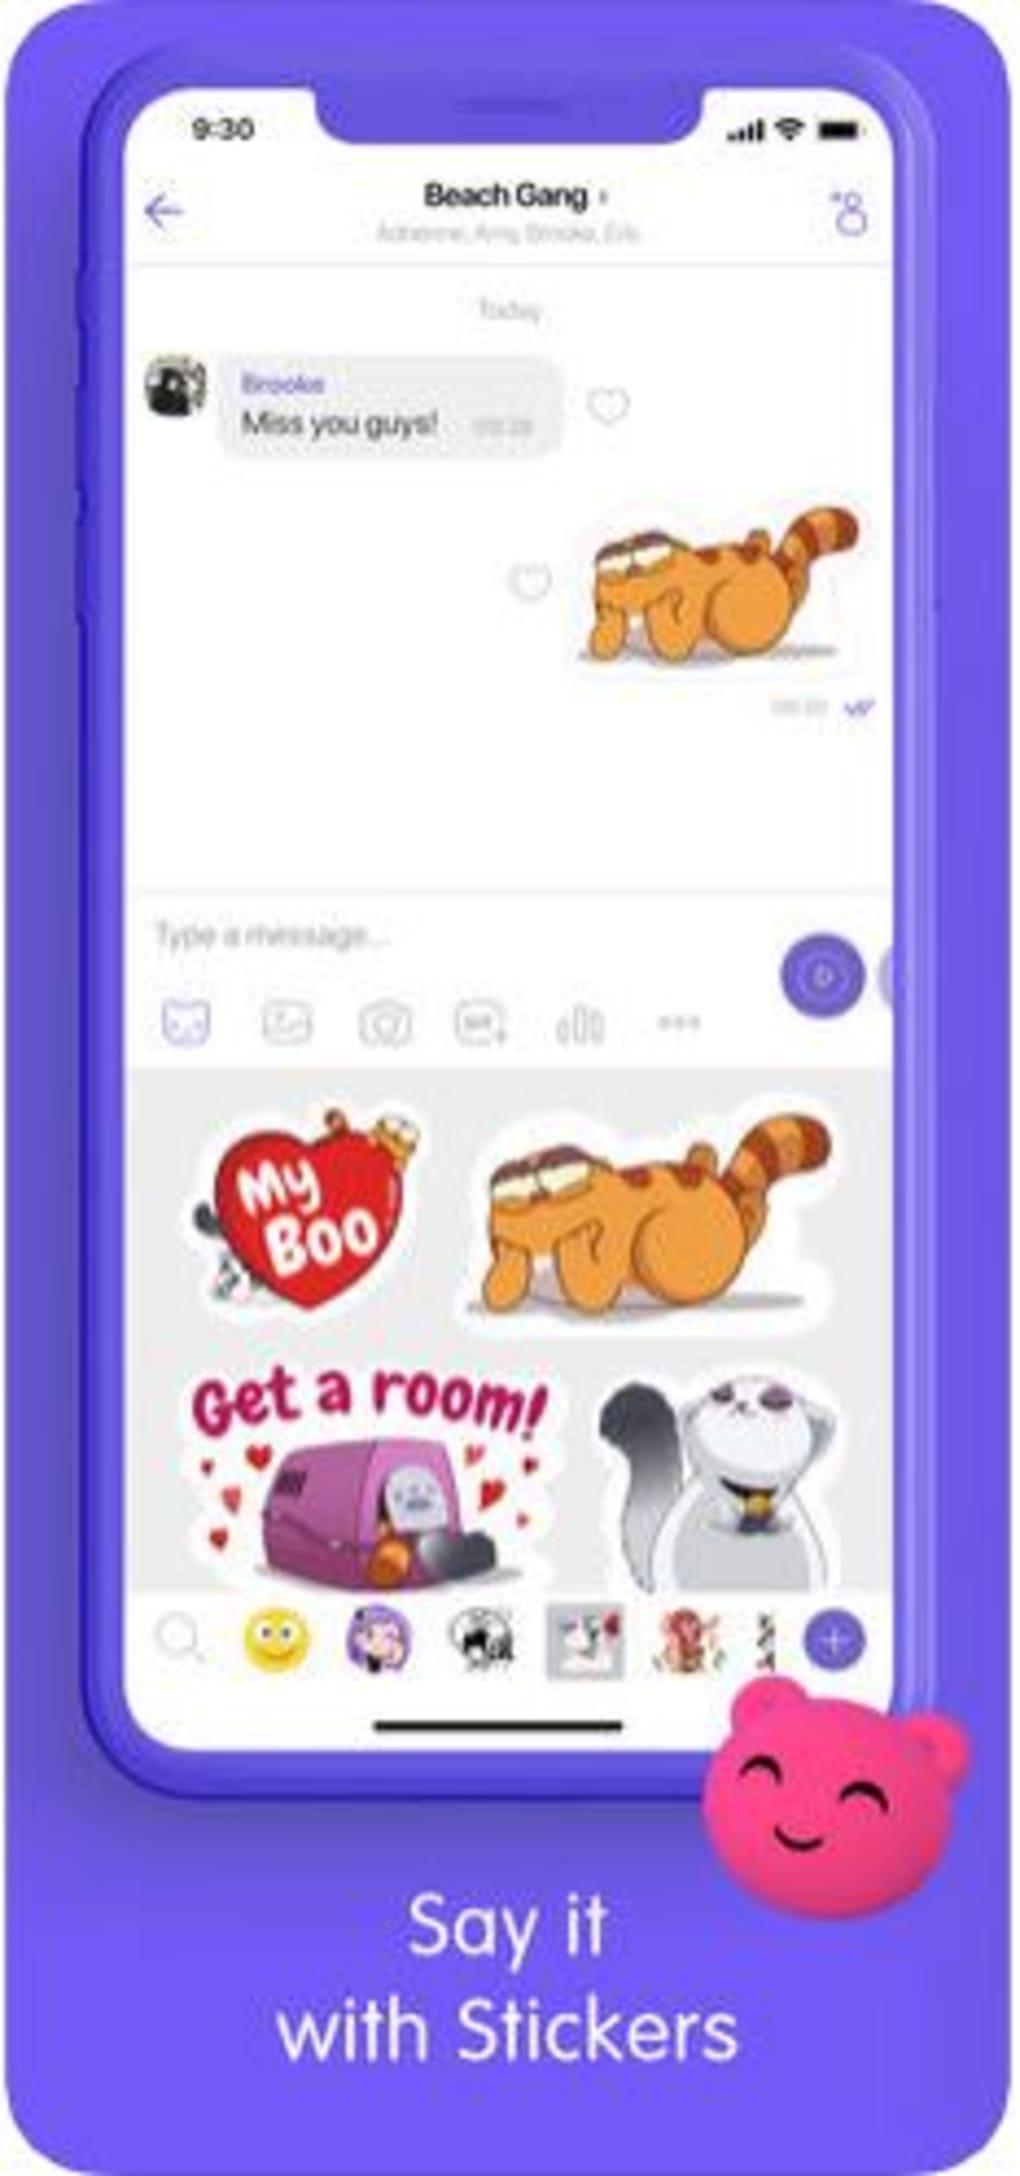 najlepsza aplikacja do czatowania na iPhonea polityka randkowa cheerleaderek nfl